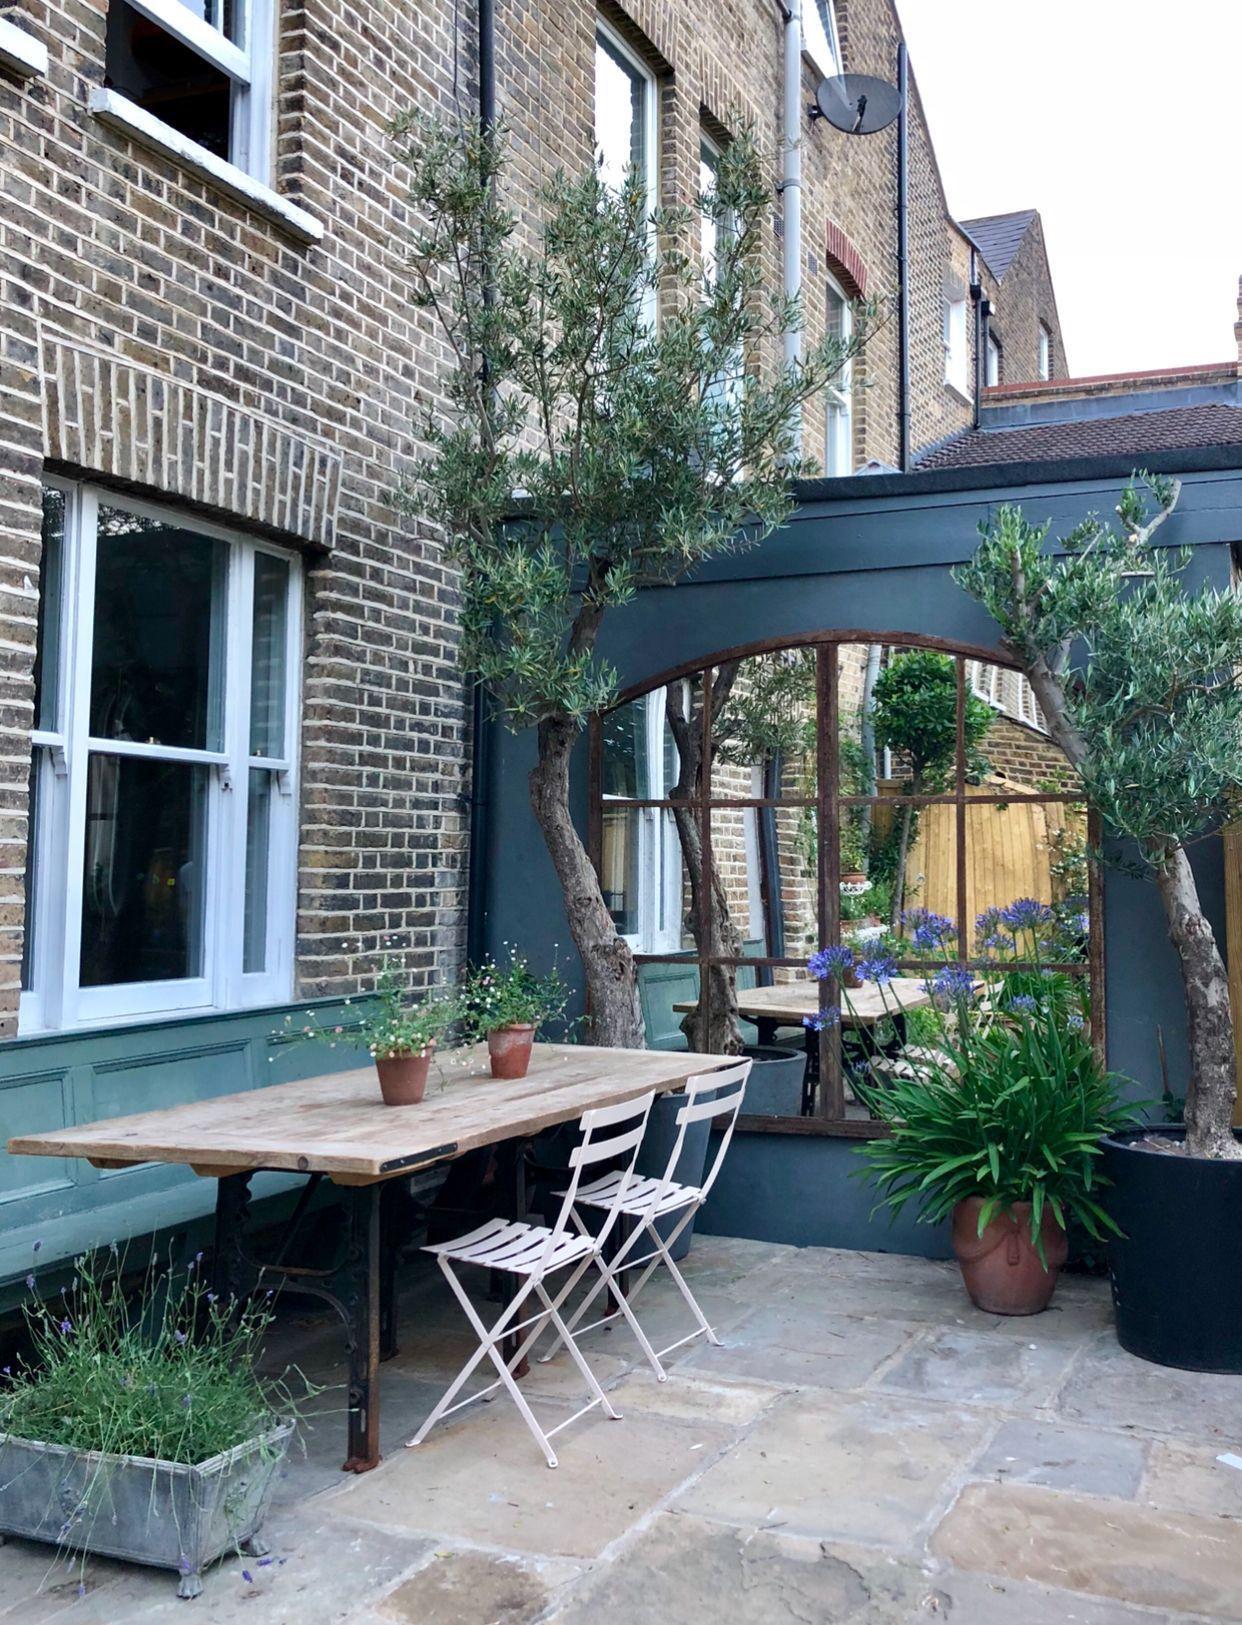 Kleine tuin  Zo verwerk je een spiegel in je tuin is part of Small courtyard gardens, Garden mirrors, Garden design layout, Patio garden, Terrace garden, Courtyard garden - Spiegels zijn helemaal in  Bij een klein interieur is een spiegel één van de eerste dingen die ge